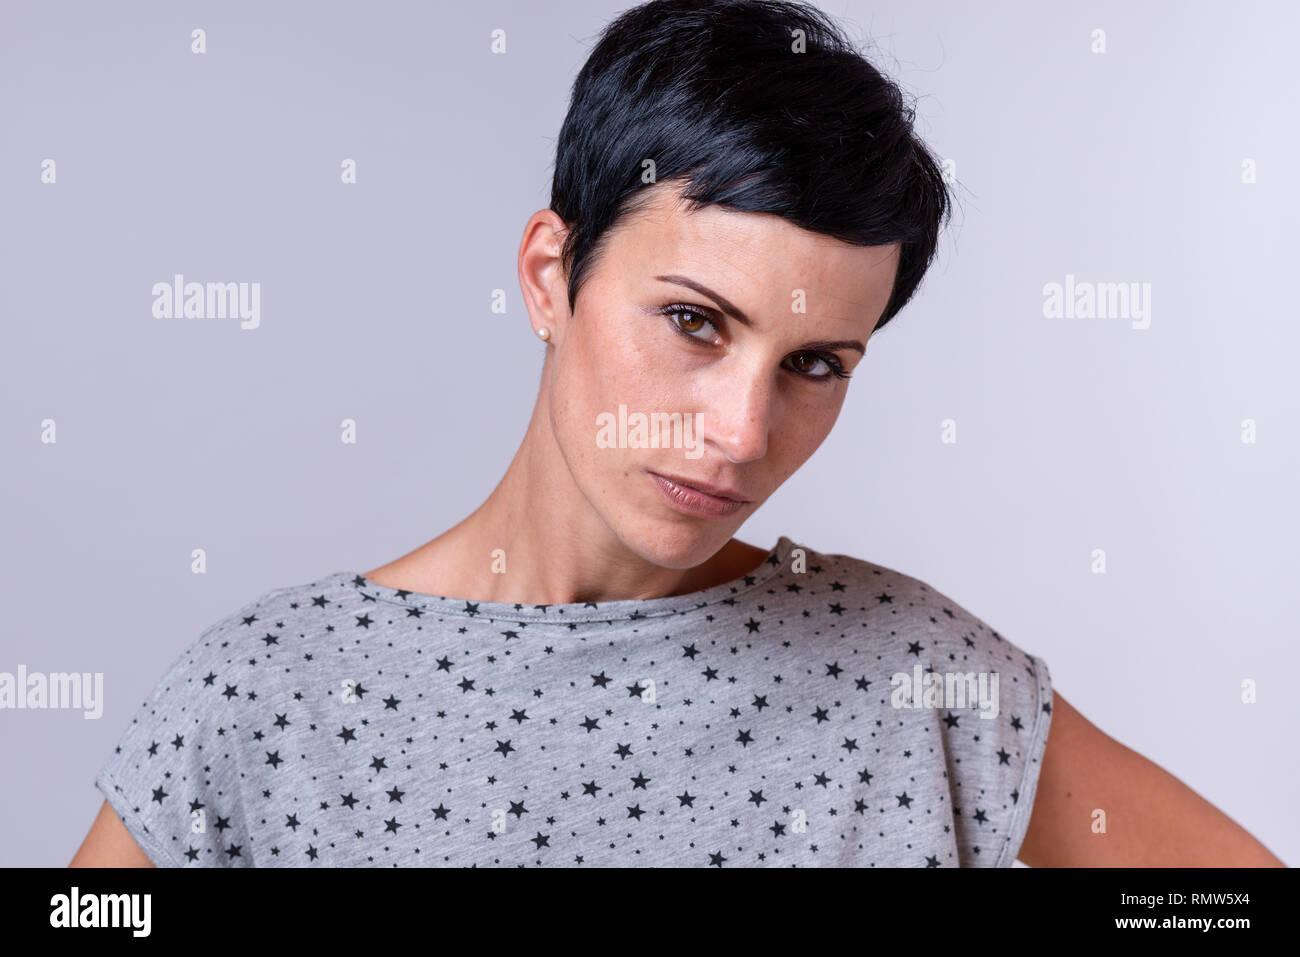 Attraktive Trendy Frau Mit Kurzen Dunklen Haaren Den Kopf Zur Seite